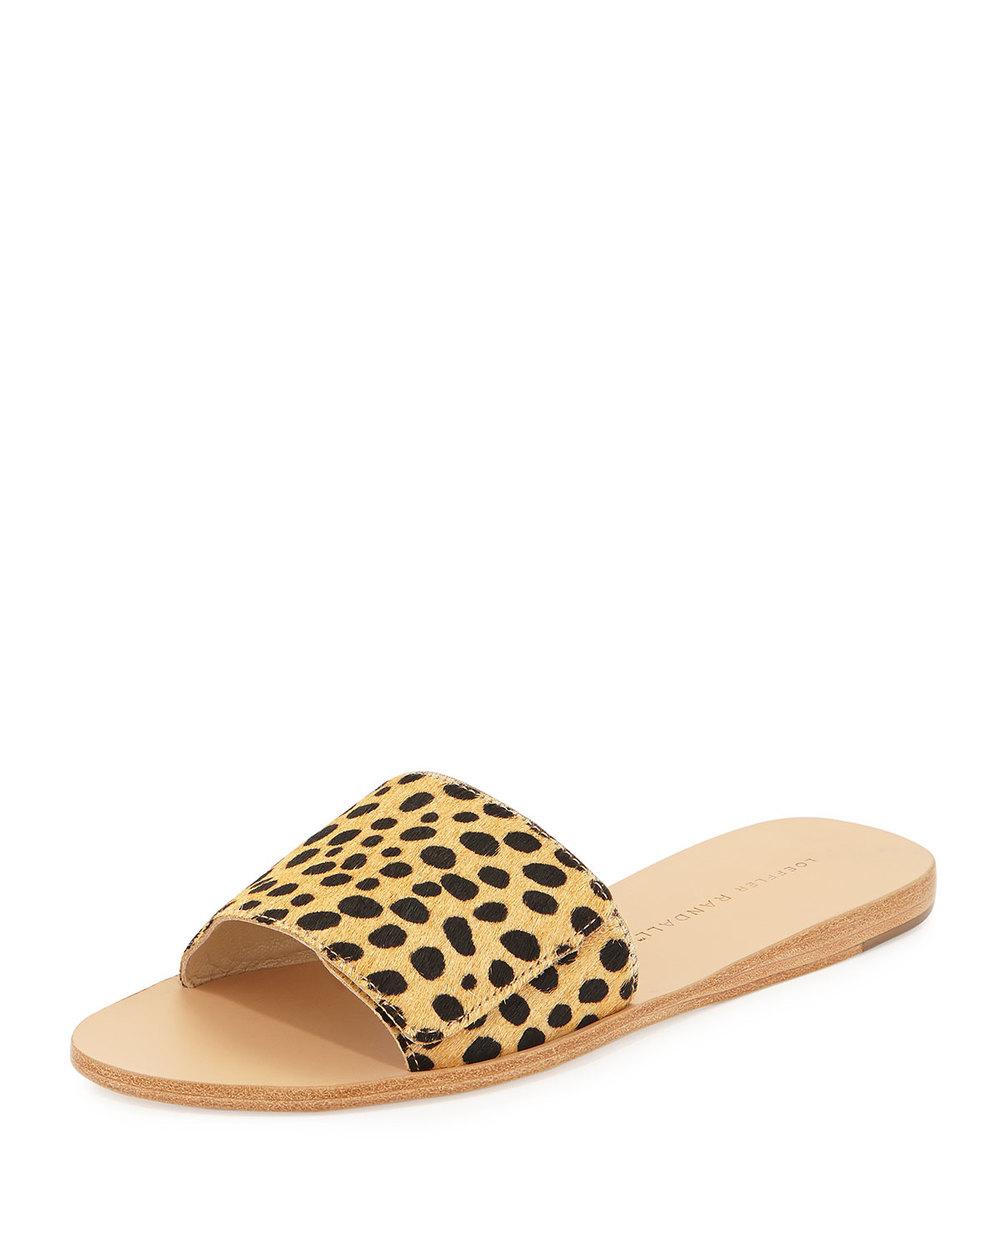 Loeffler Randall Sibi Calf-Hair Sandal Slide, Cheetah • $69.60 • Neiman Marcus